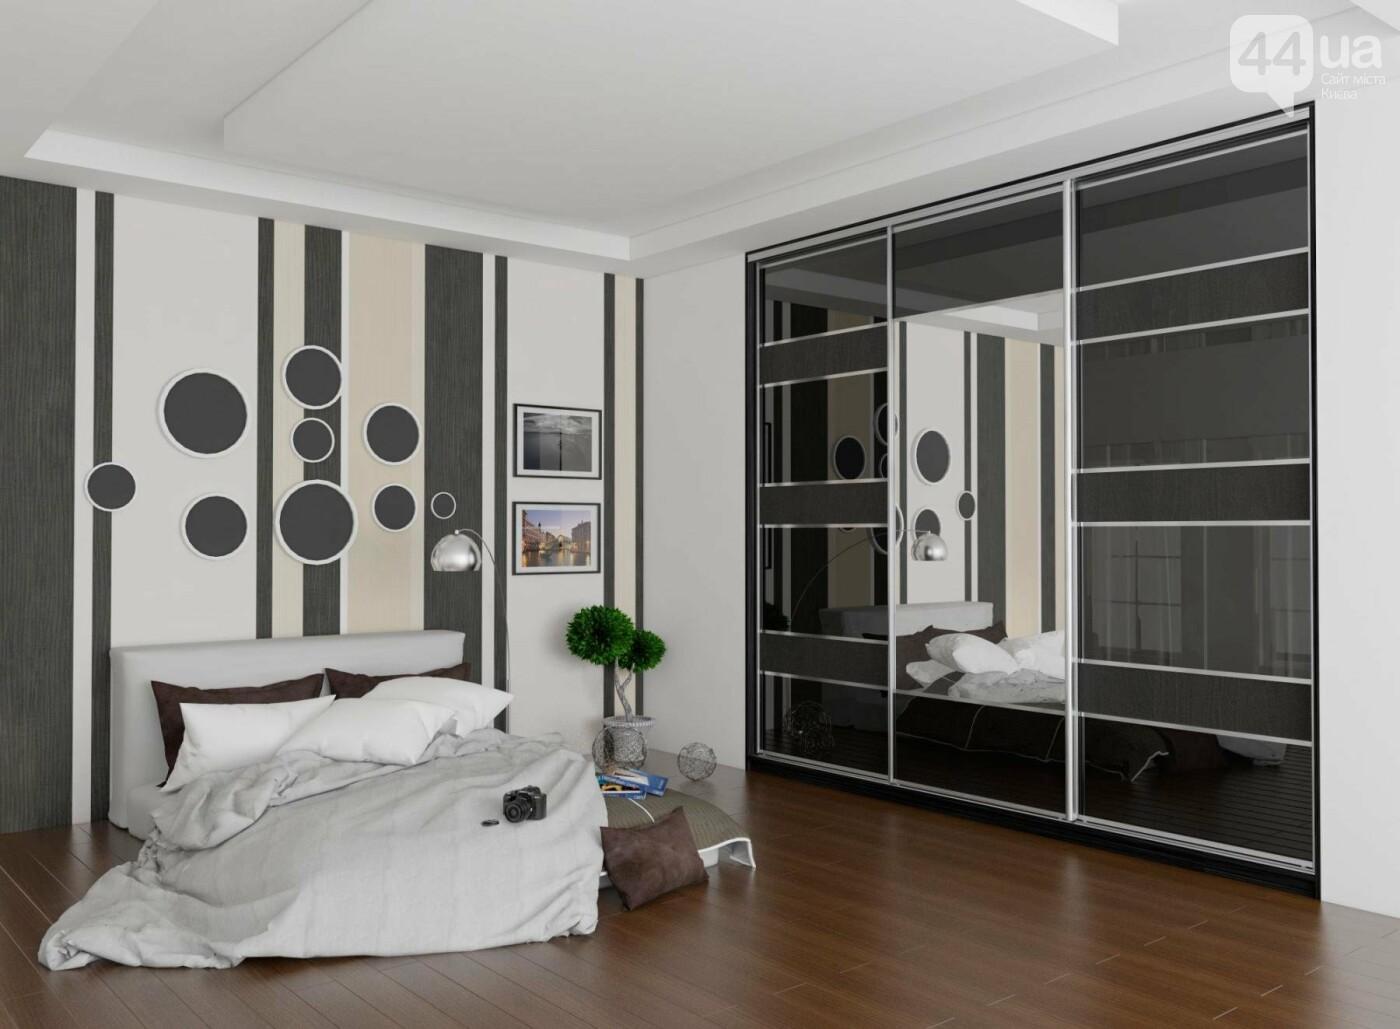 Обзор мебельных компаний Киева: какую мебель выбрать?, фото-25